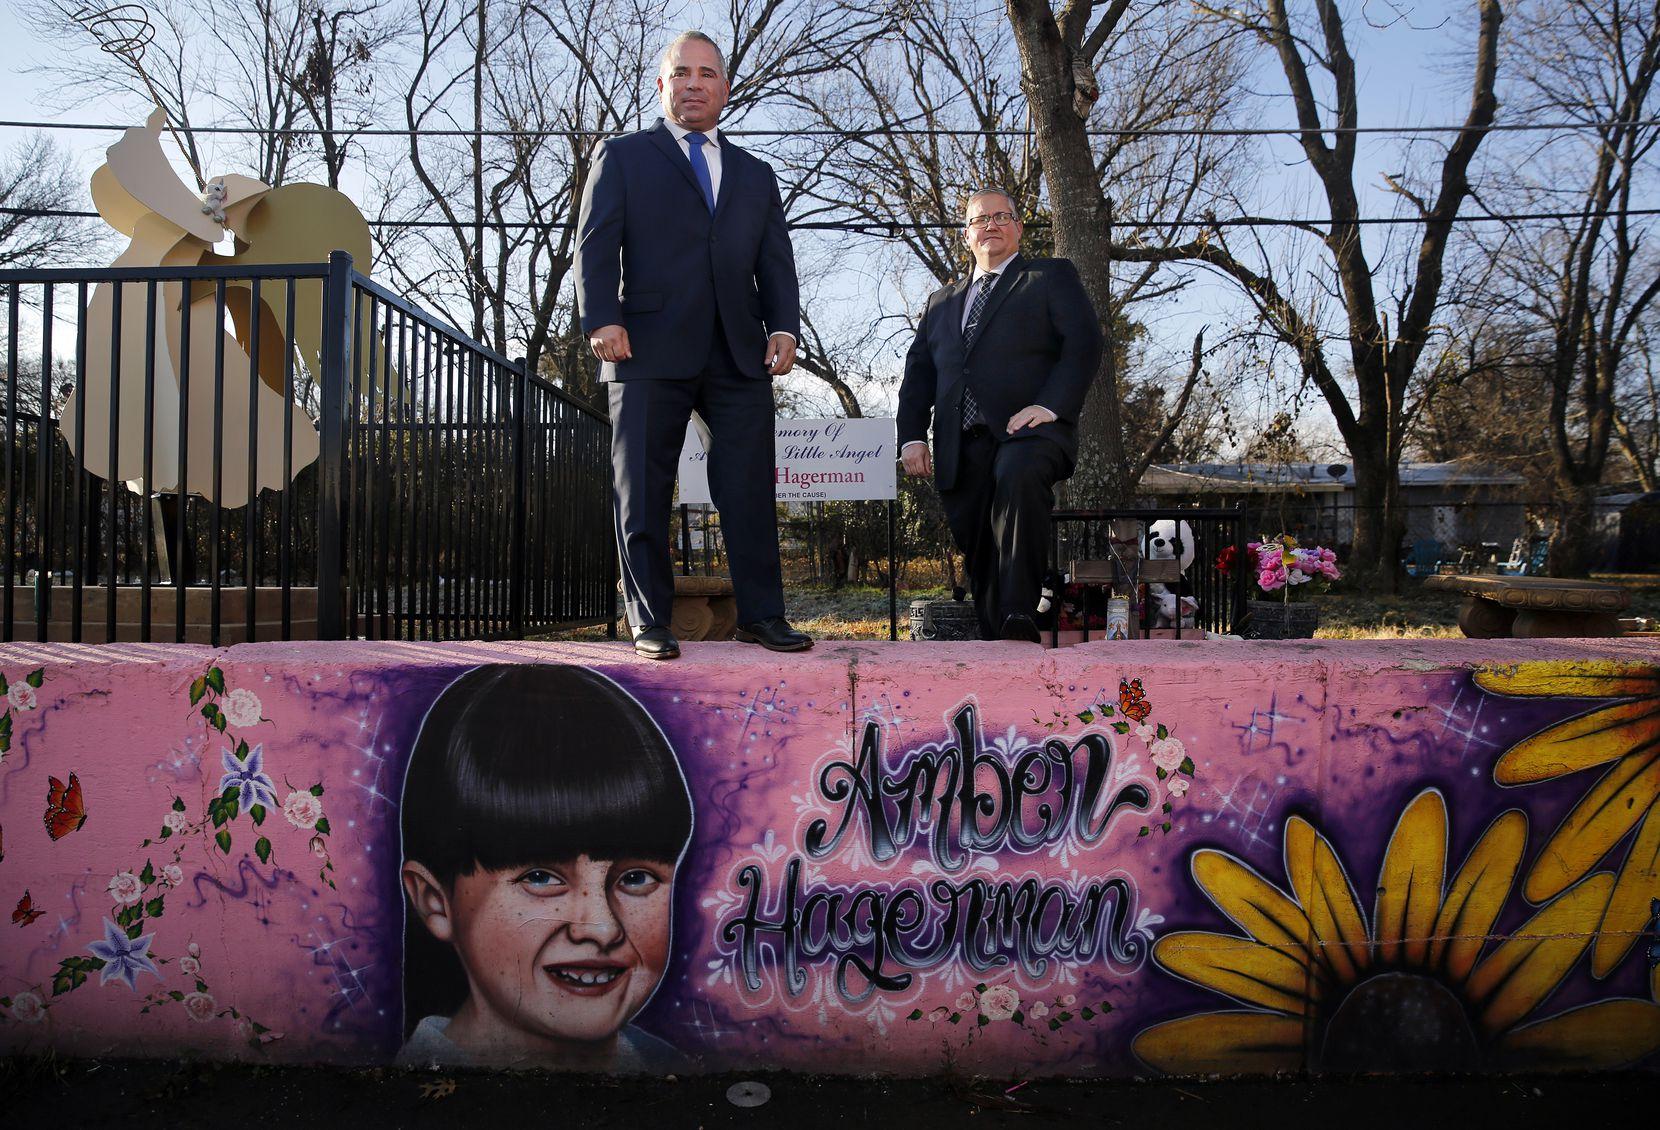 Los detectives de la policía de Arlington Ben López (izq.) y Gran Gildon investigan el crimen no resuelto de Amber Hagerman. El mural sobre el que están parados fue creado para recordar a la niña secuestrada y asesinada en 1996.